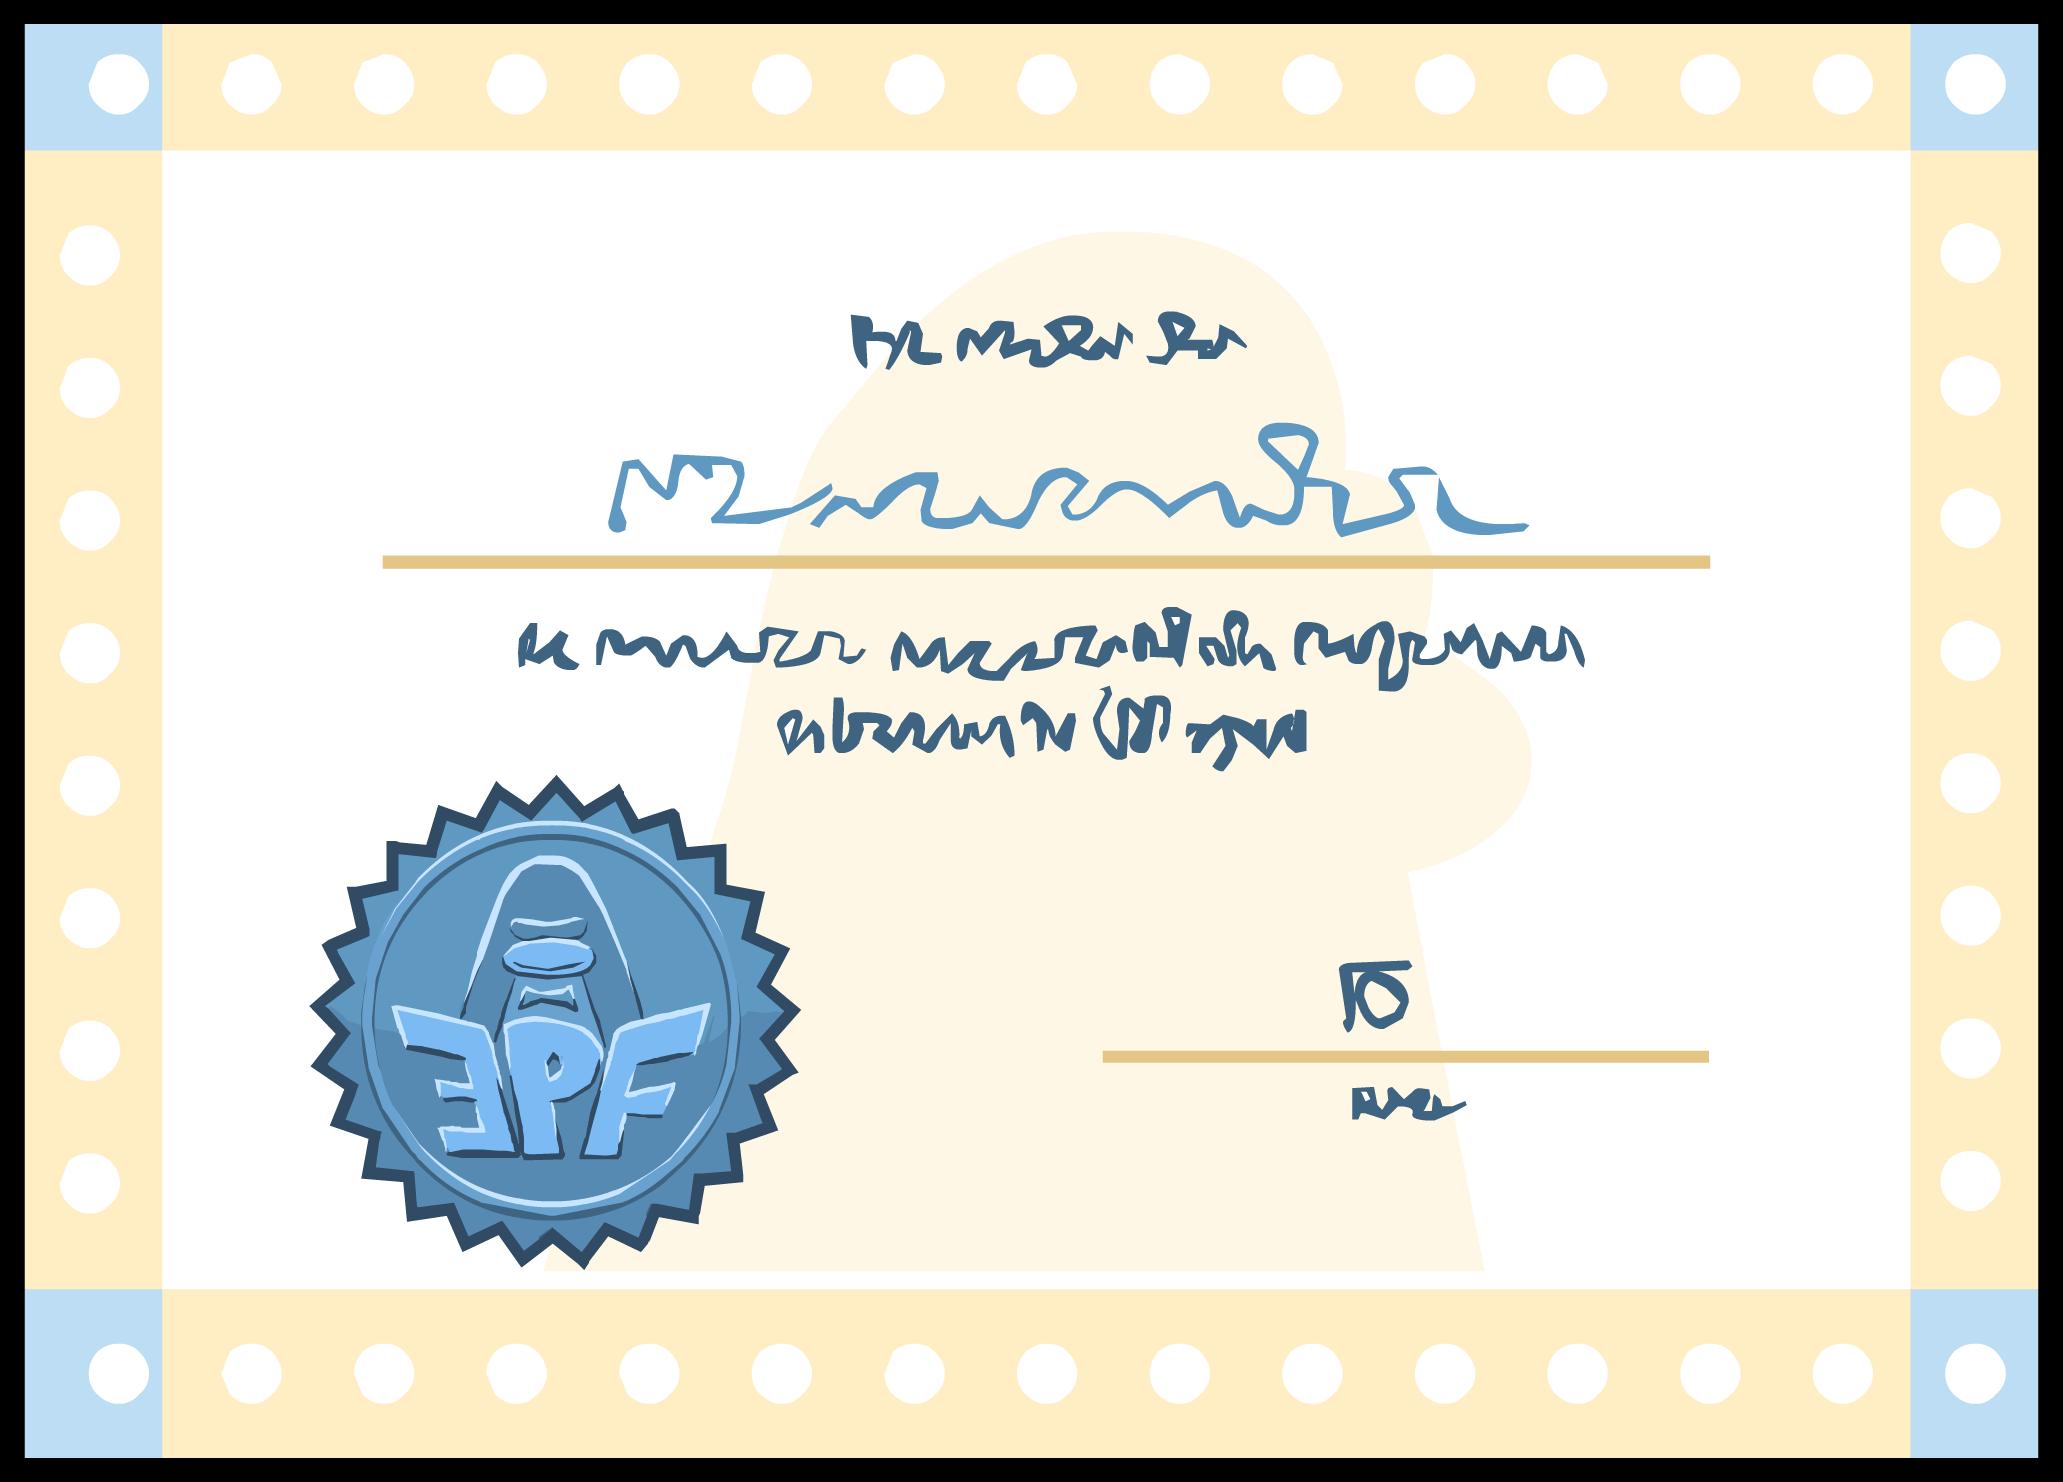 Certificado de la Fuerza Pingüina de Élite (FPE)